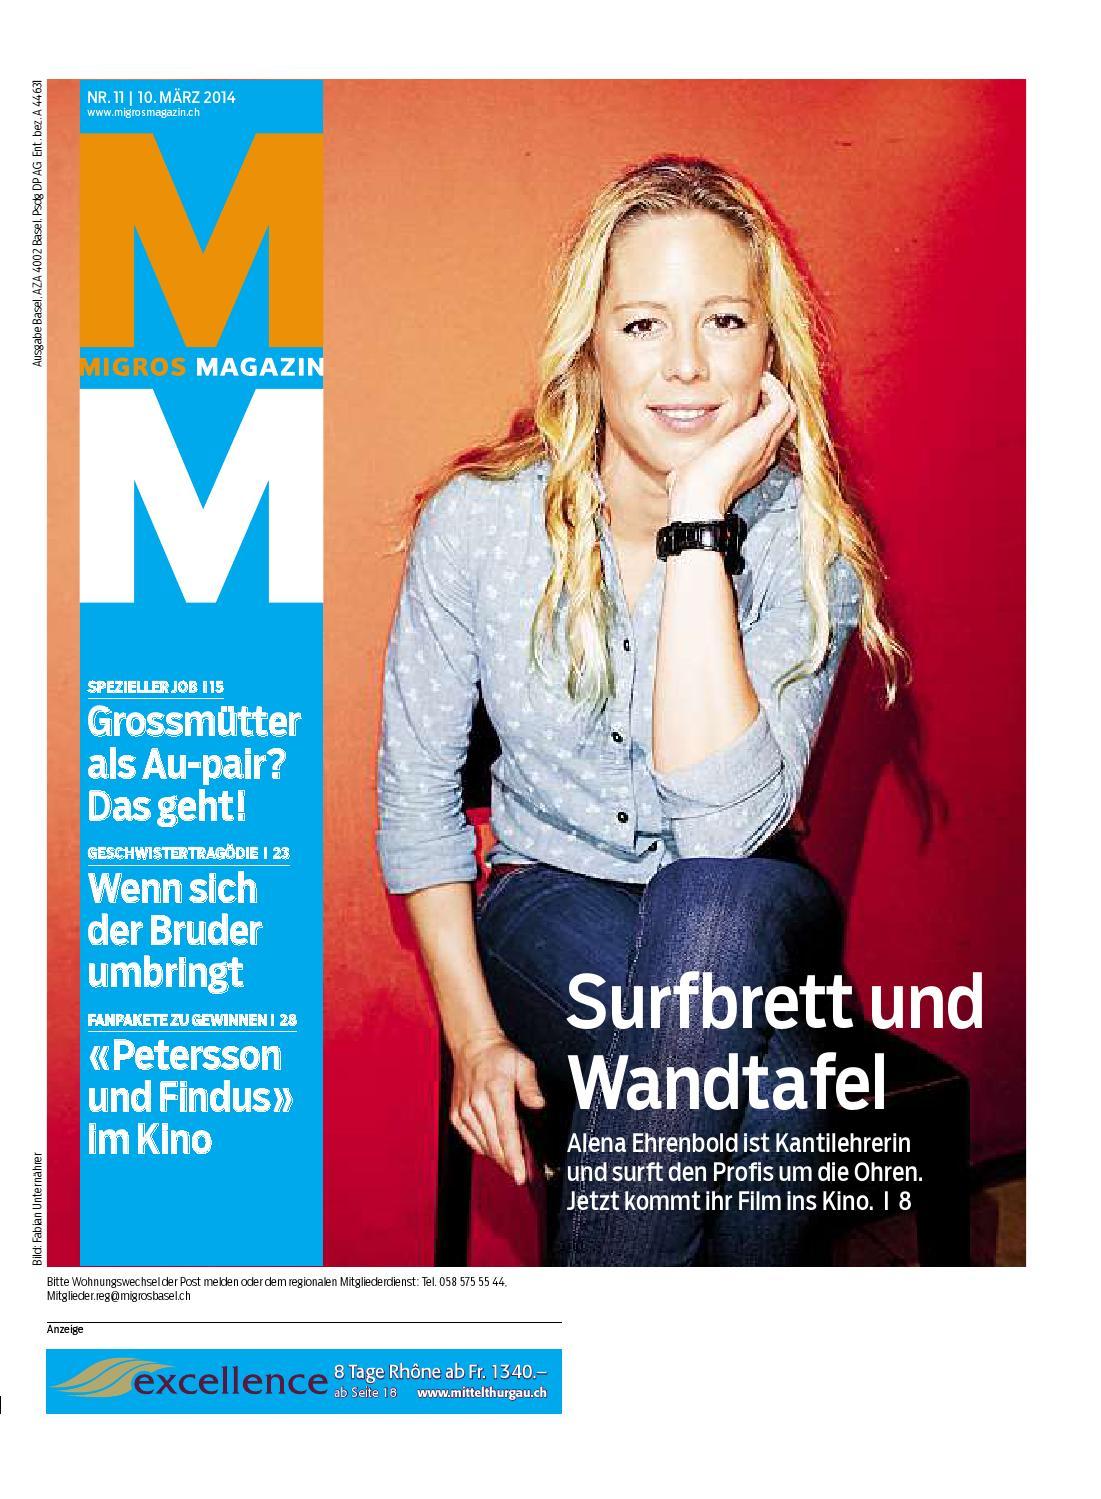 Migros Magazin 11 2014 D Bl By Migros Genossenschafts Bund   Issuu